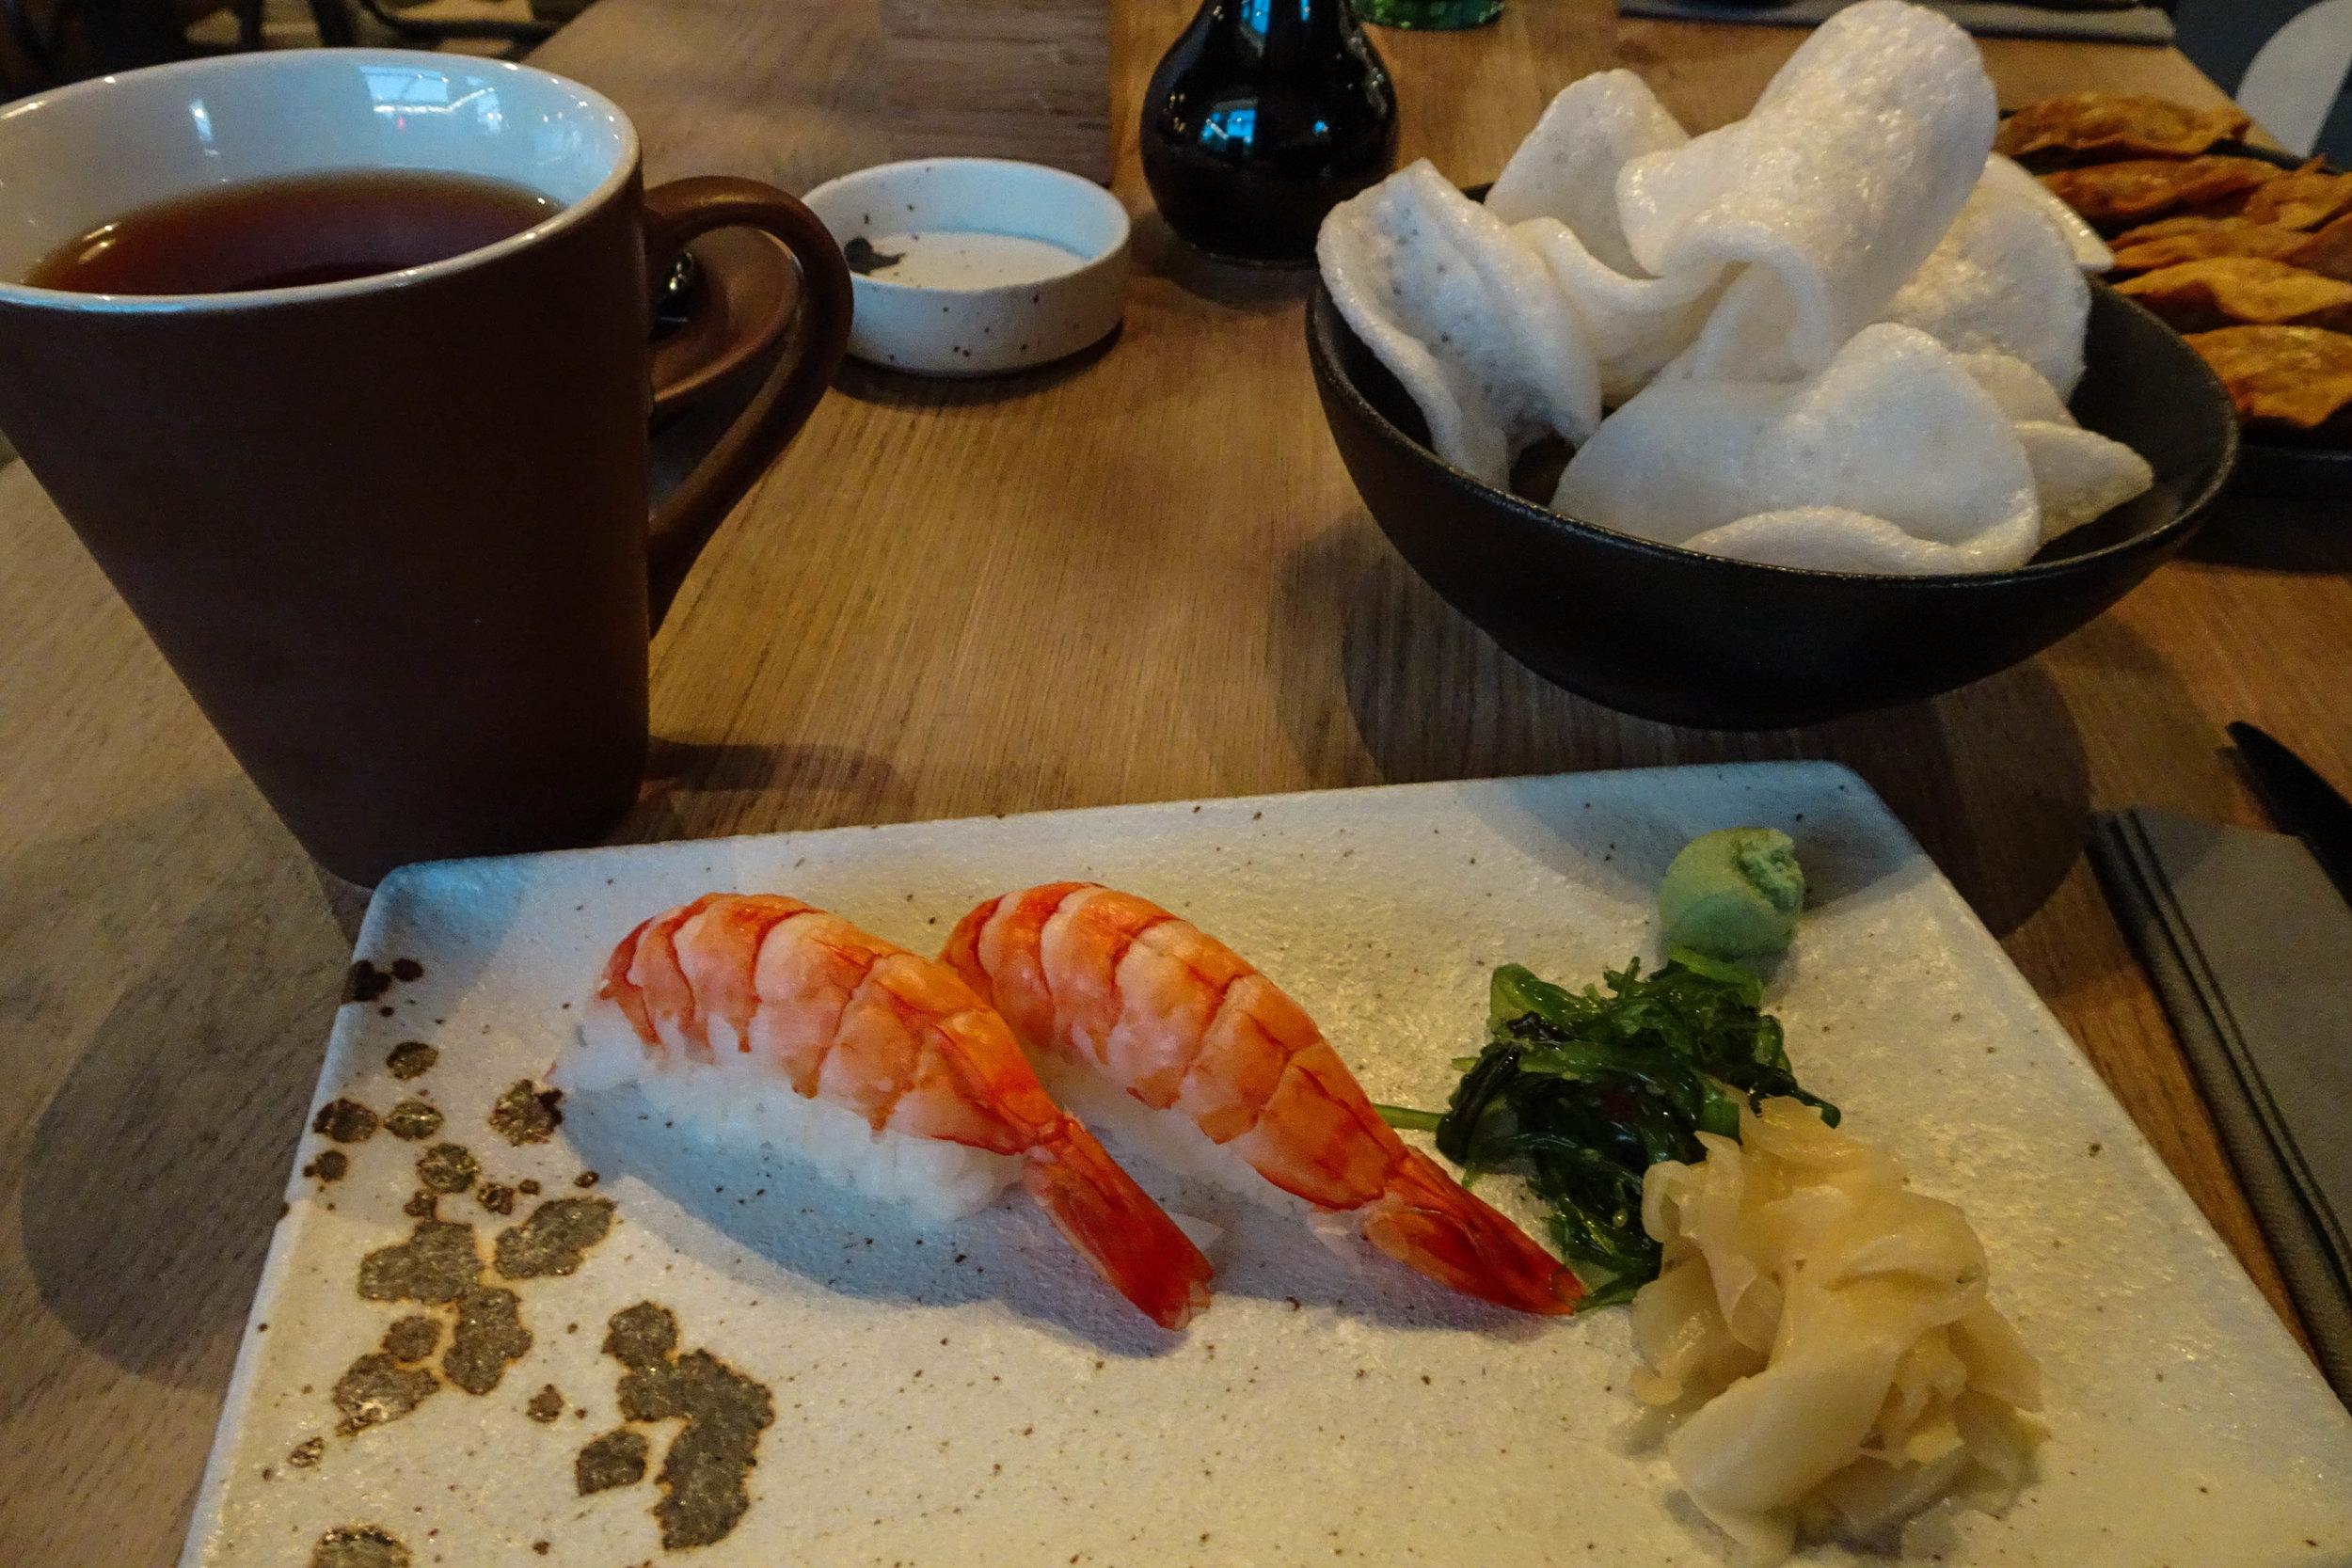 monsoon kristiansand restaurant guide (2).jpg